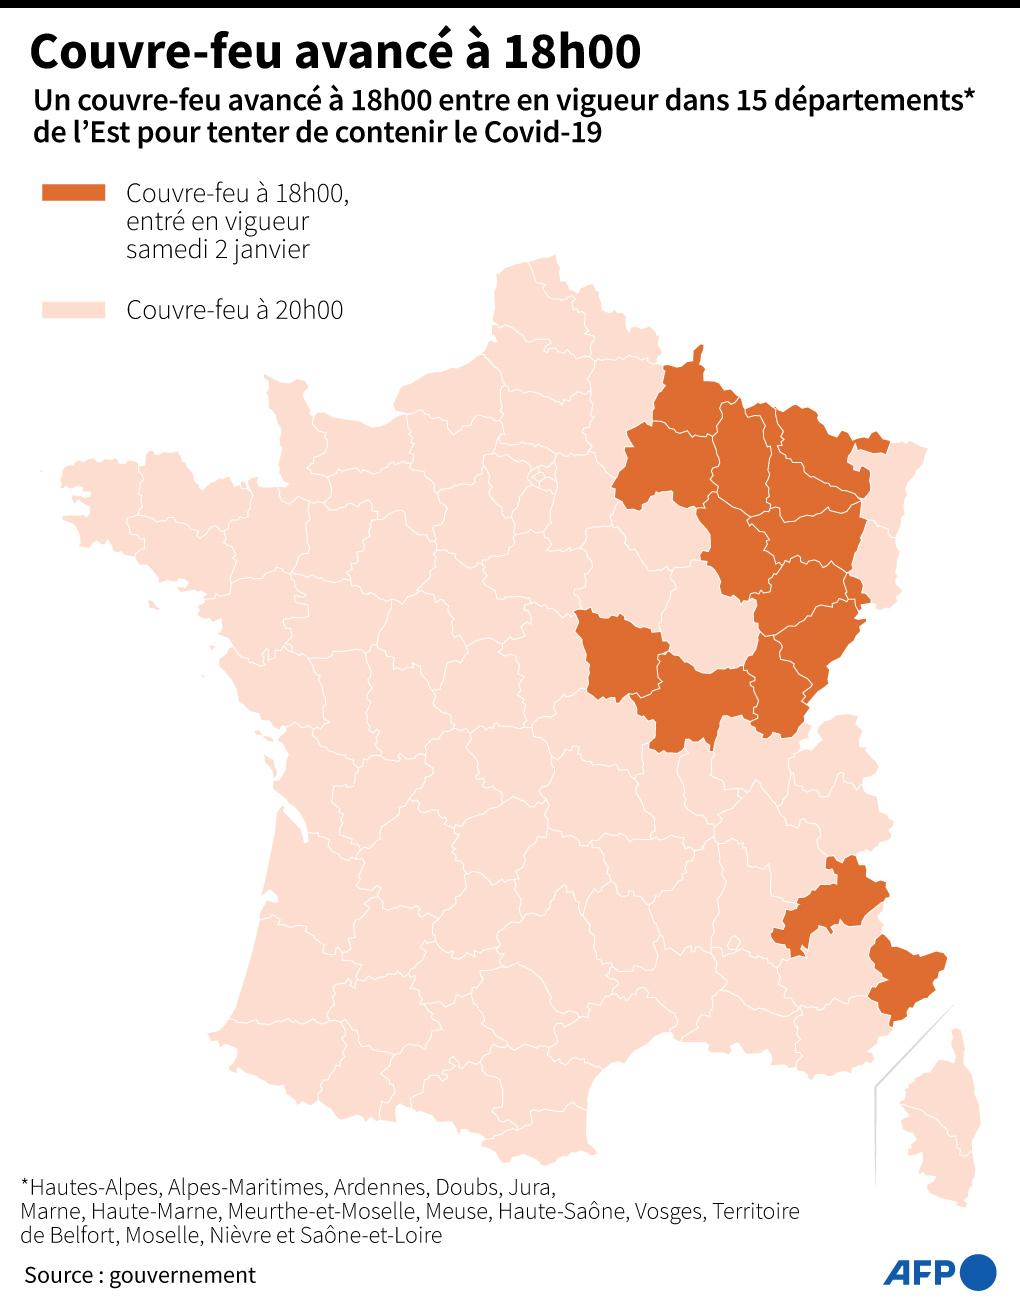 Covid-19 : les départements où les hospitalisations sont plus nombreuses qu'au printemps